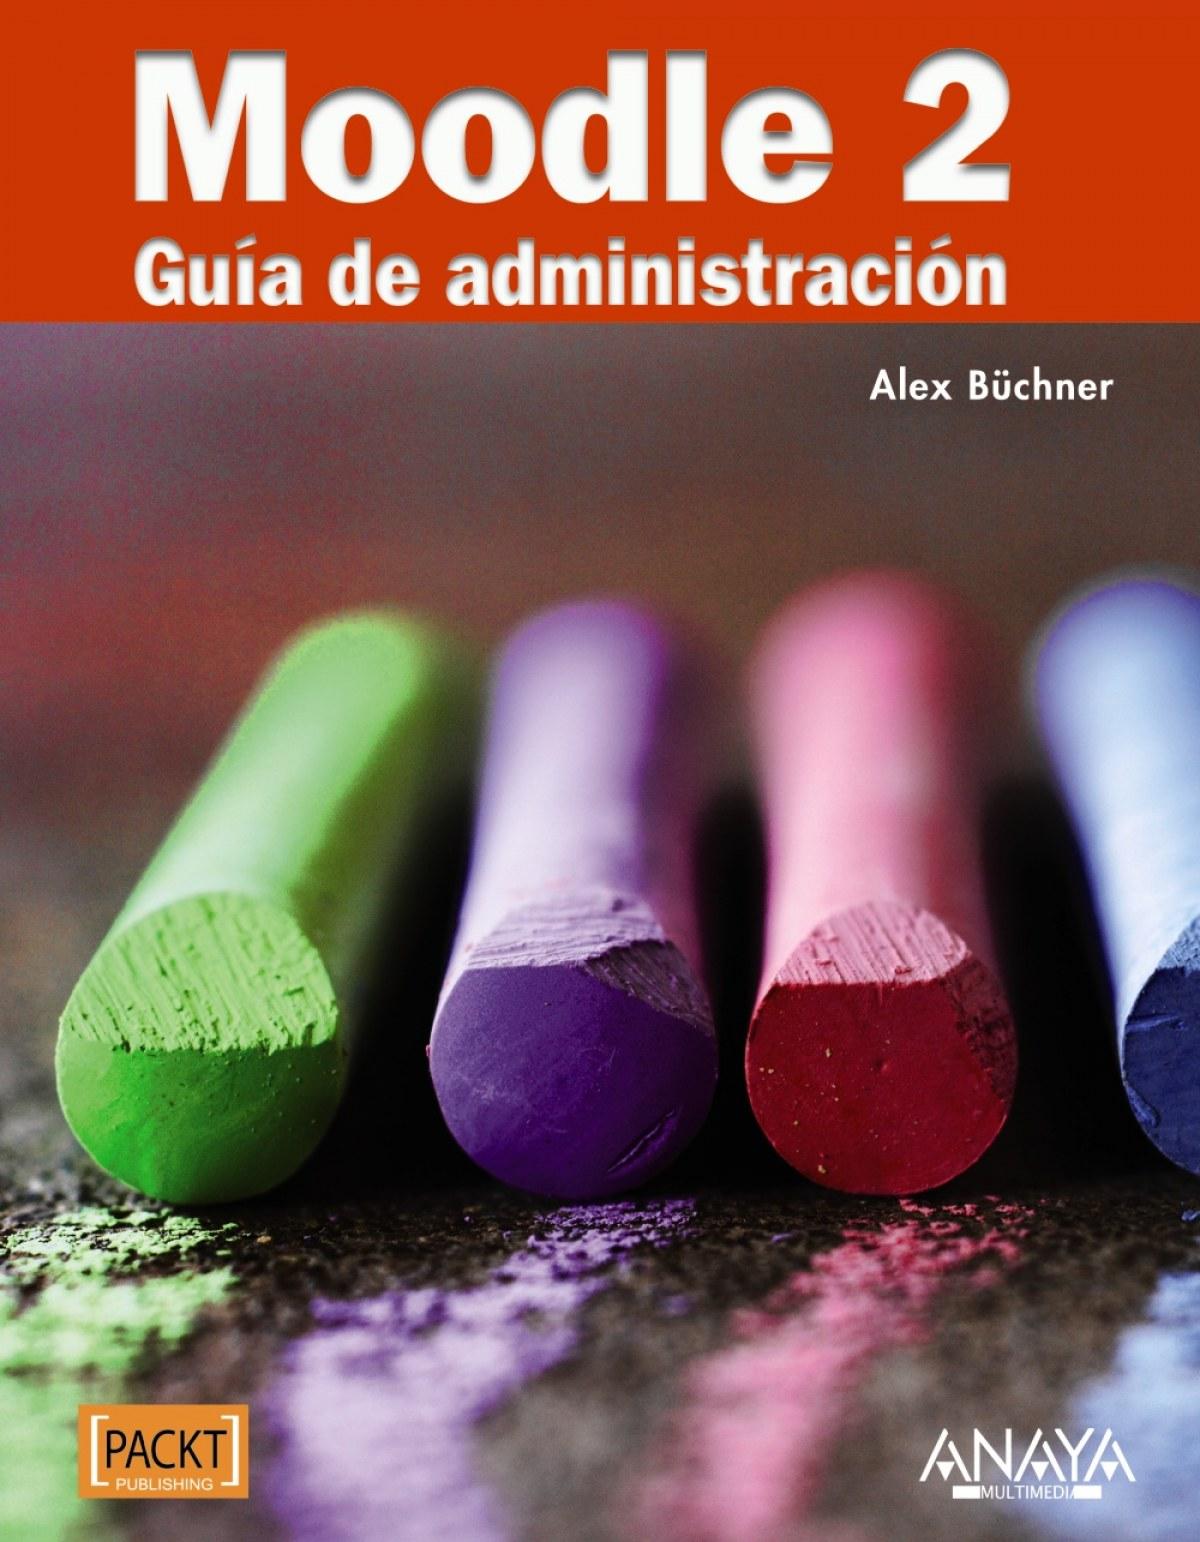 Moodle 2. Guía de administración 9788441531406